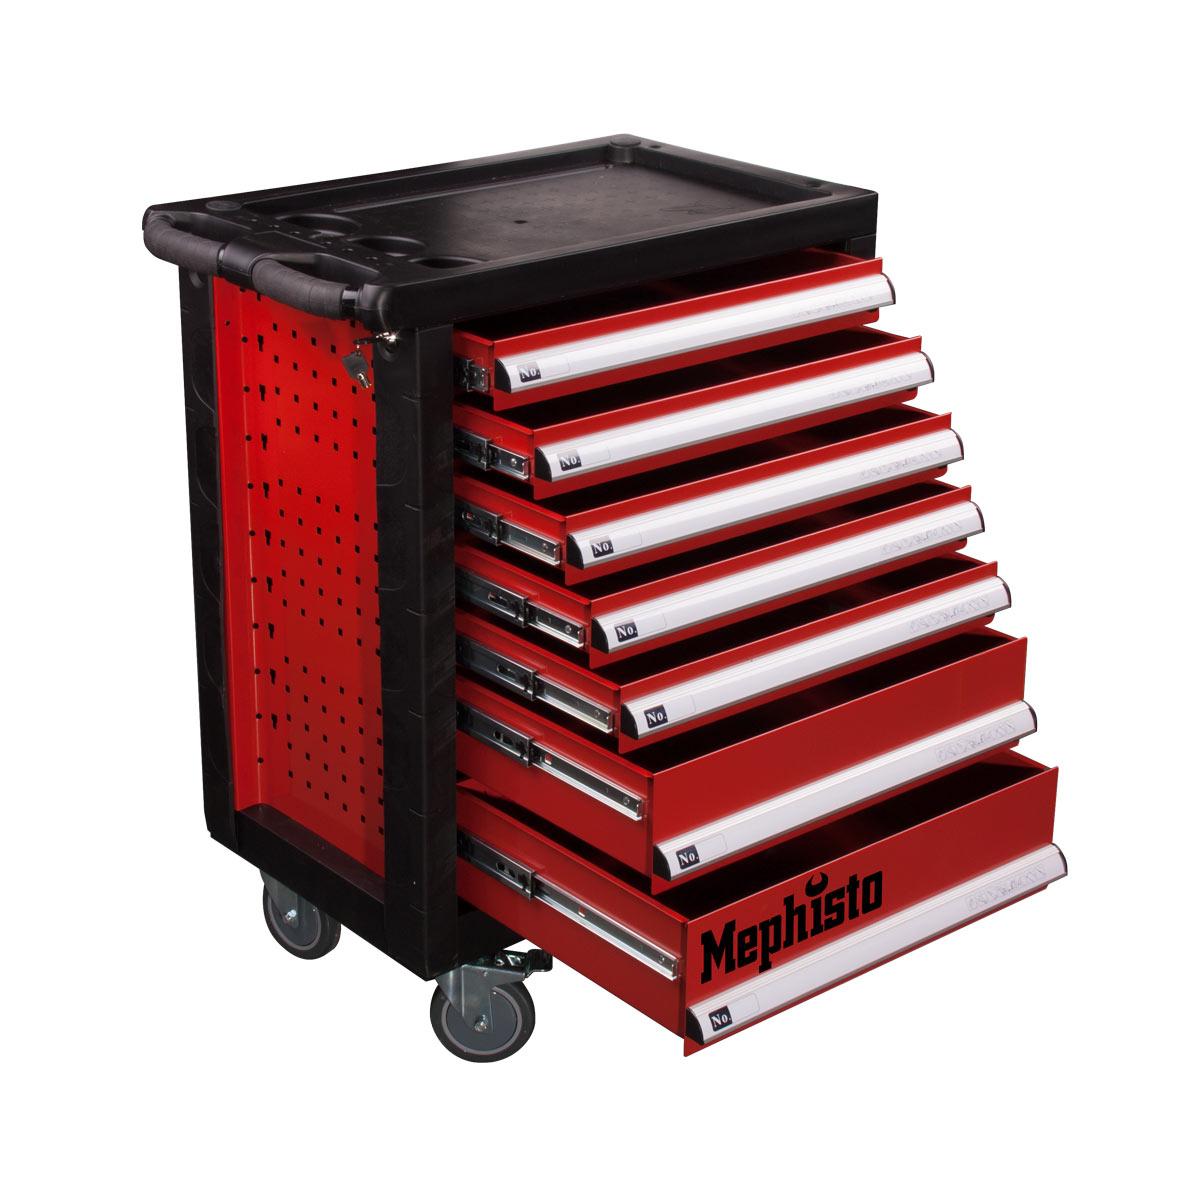 werkzeugwagen mit 7 schubladen inkl werkzeug haus und garten mephisto werkzeug. Black Bedroom Furniture Sets. Home Design Ideas